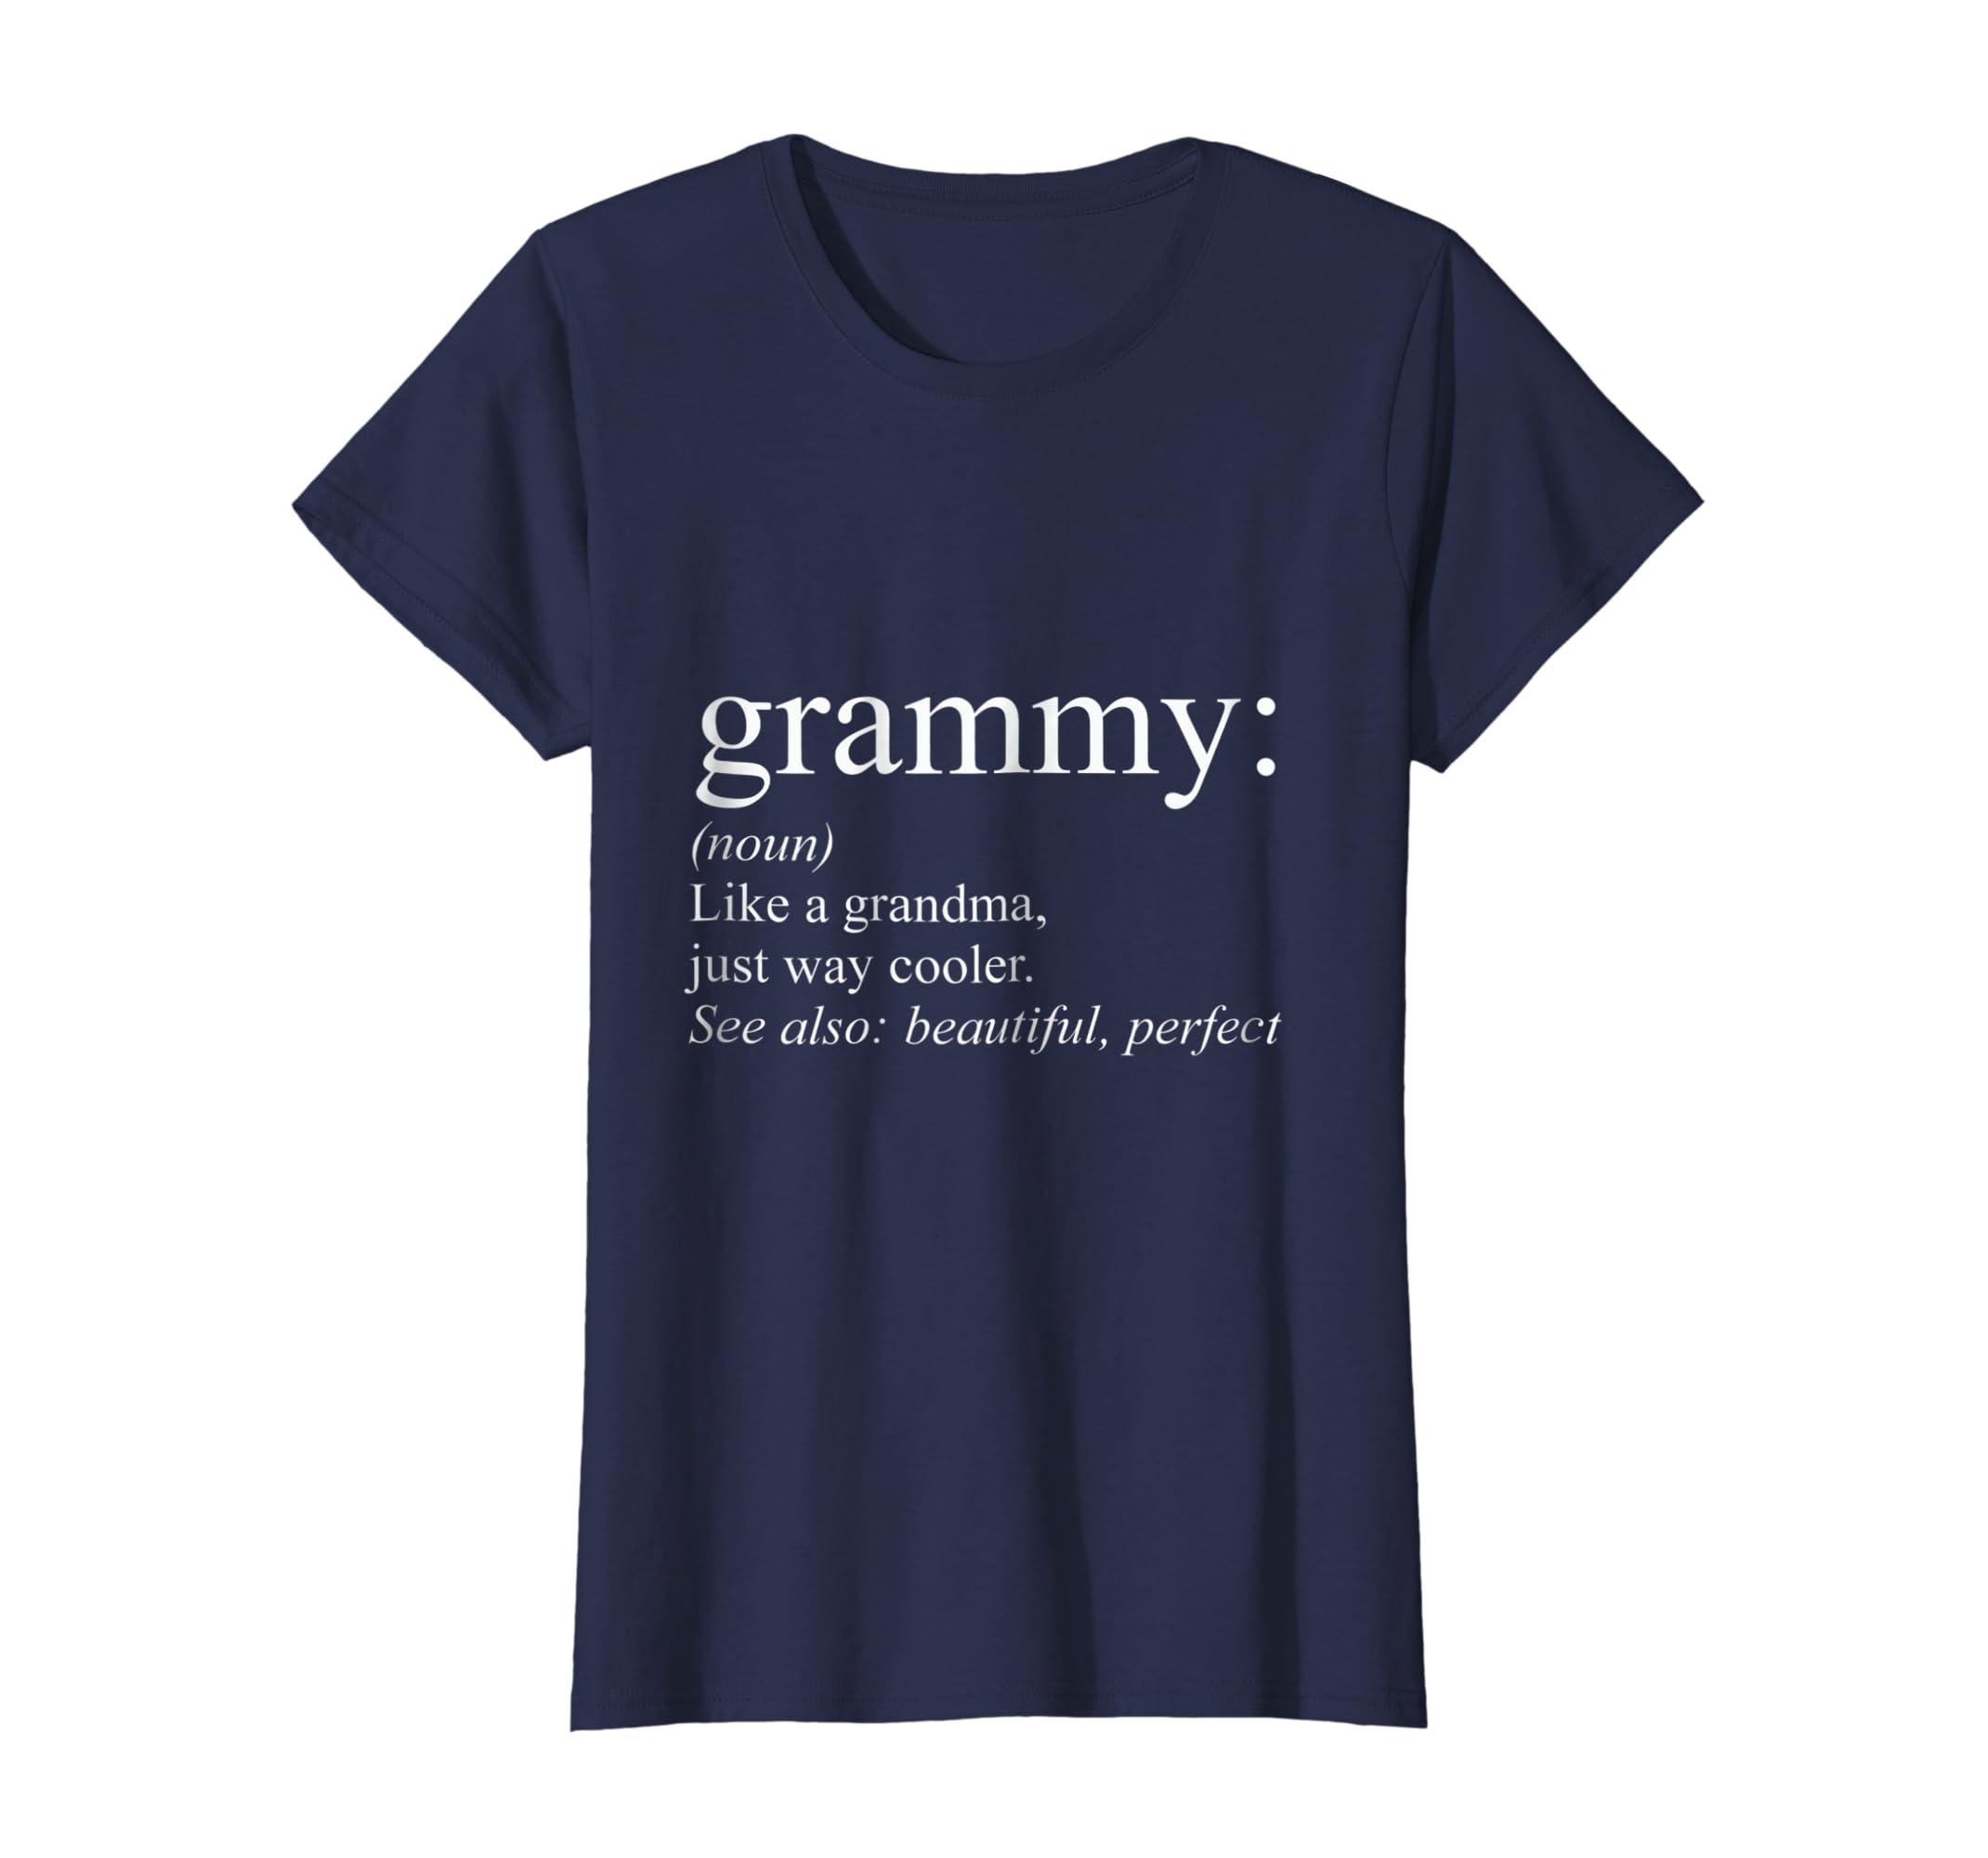 e200bcbf Amazon.com: Grammy Tshirt Funny Grandma Tshirt Grandma: Clothing